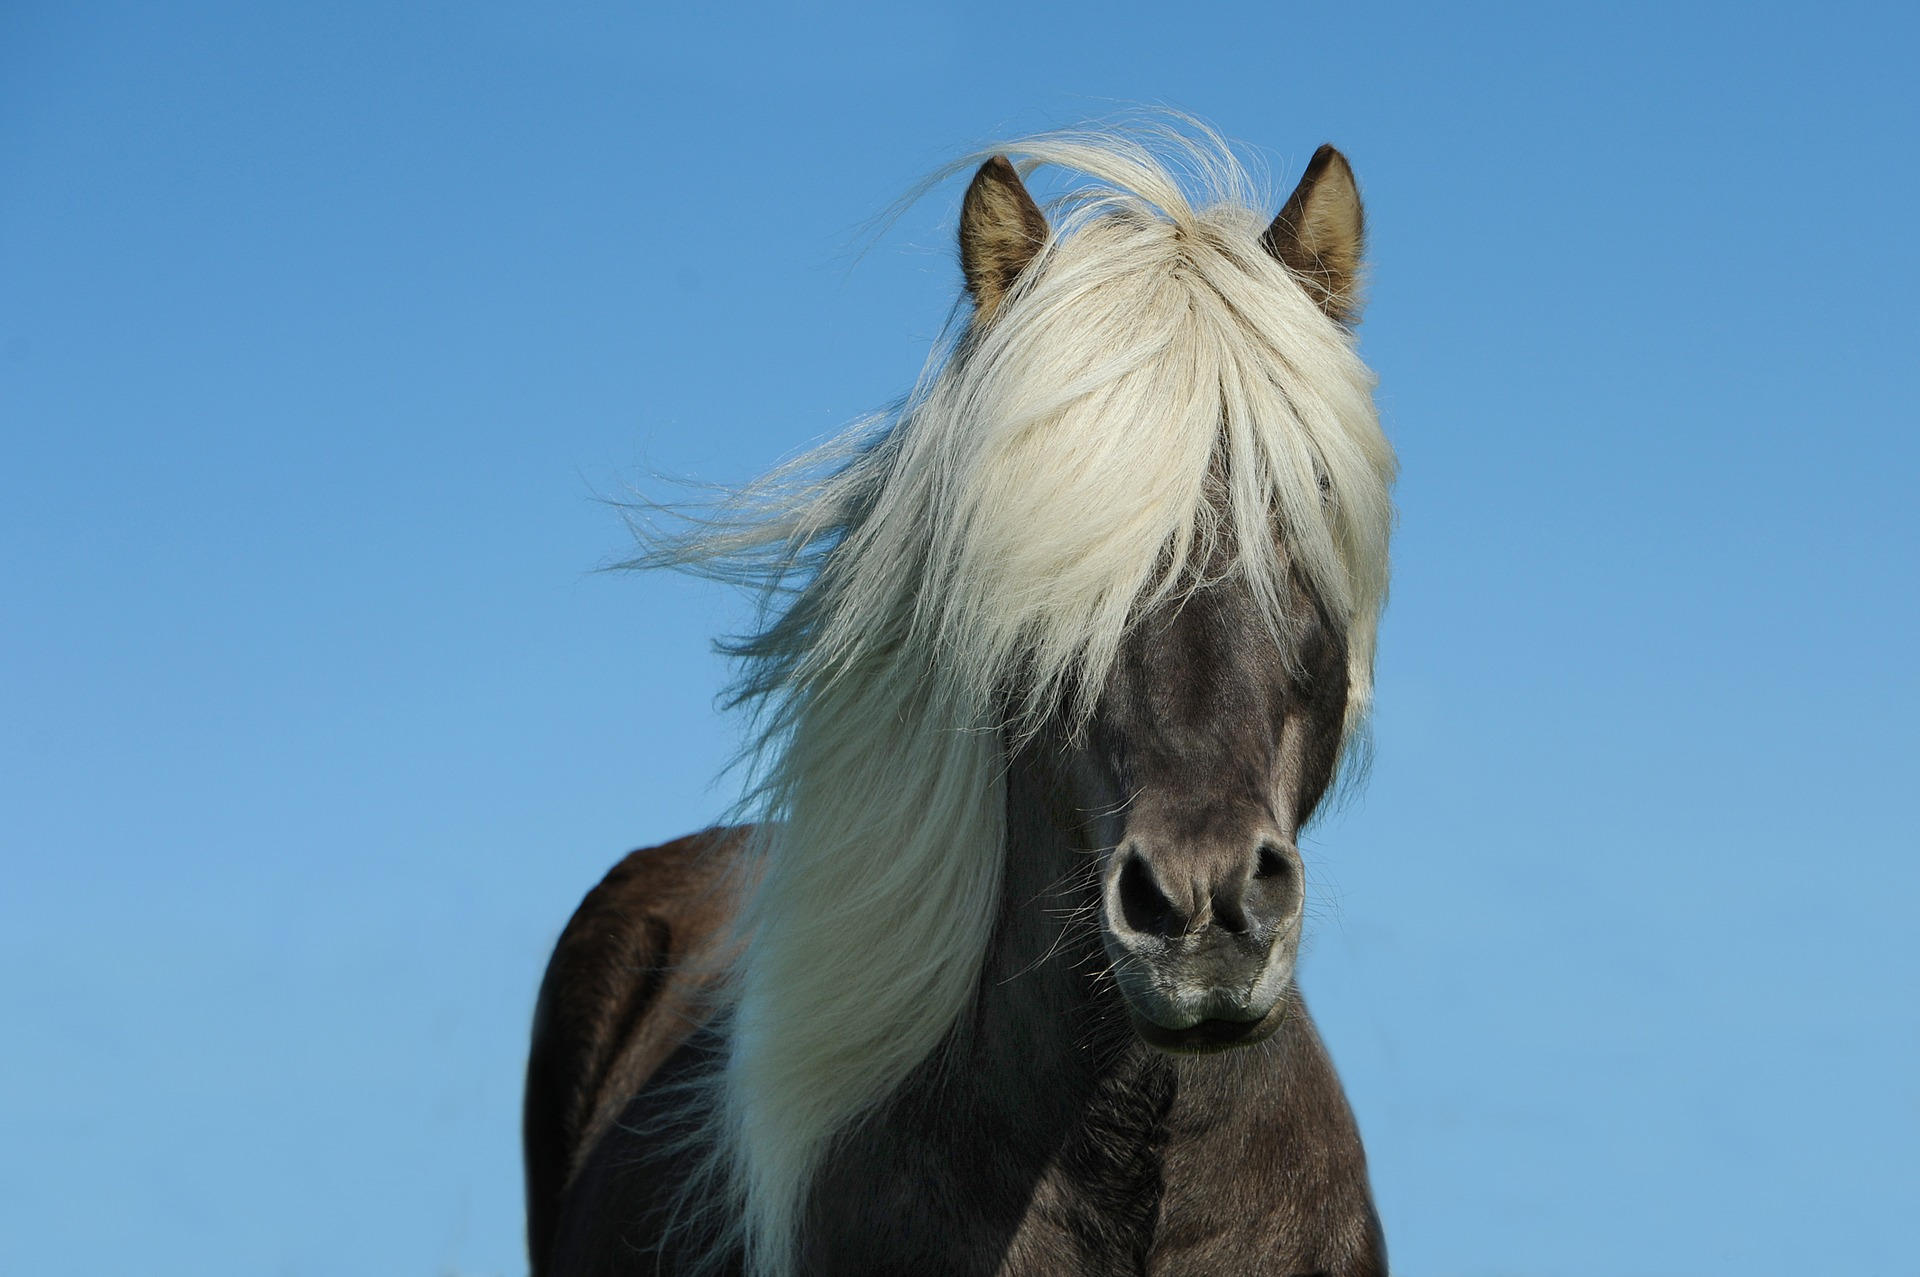 Bohatá hříva i kštice jsou známkou zdravého koně